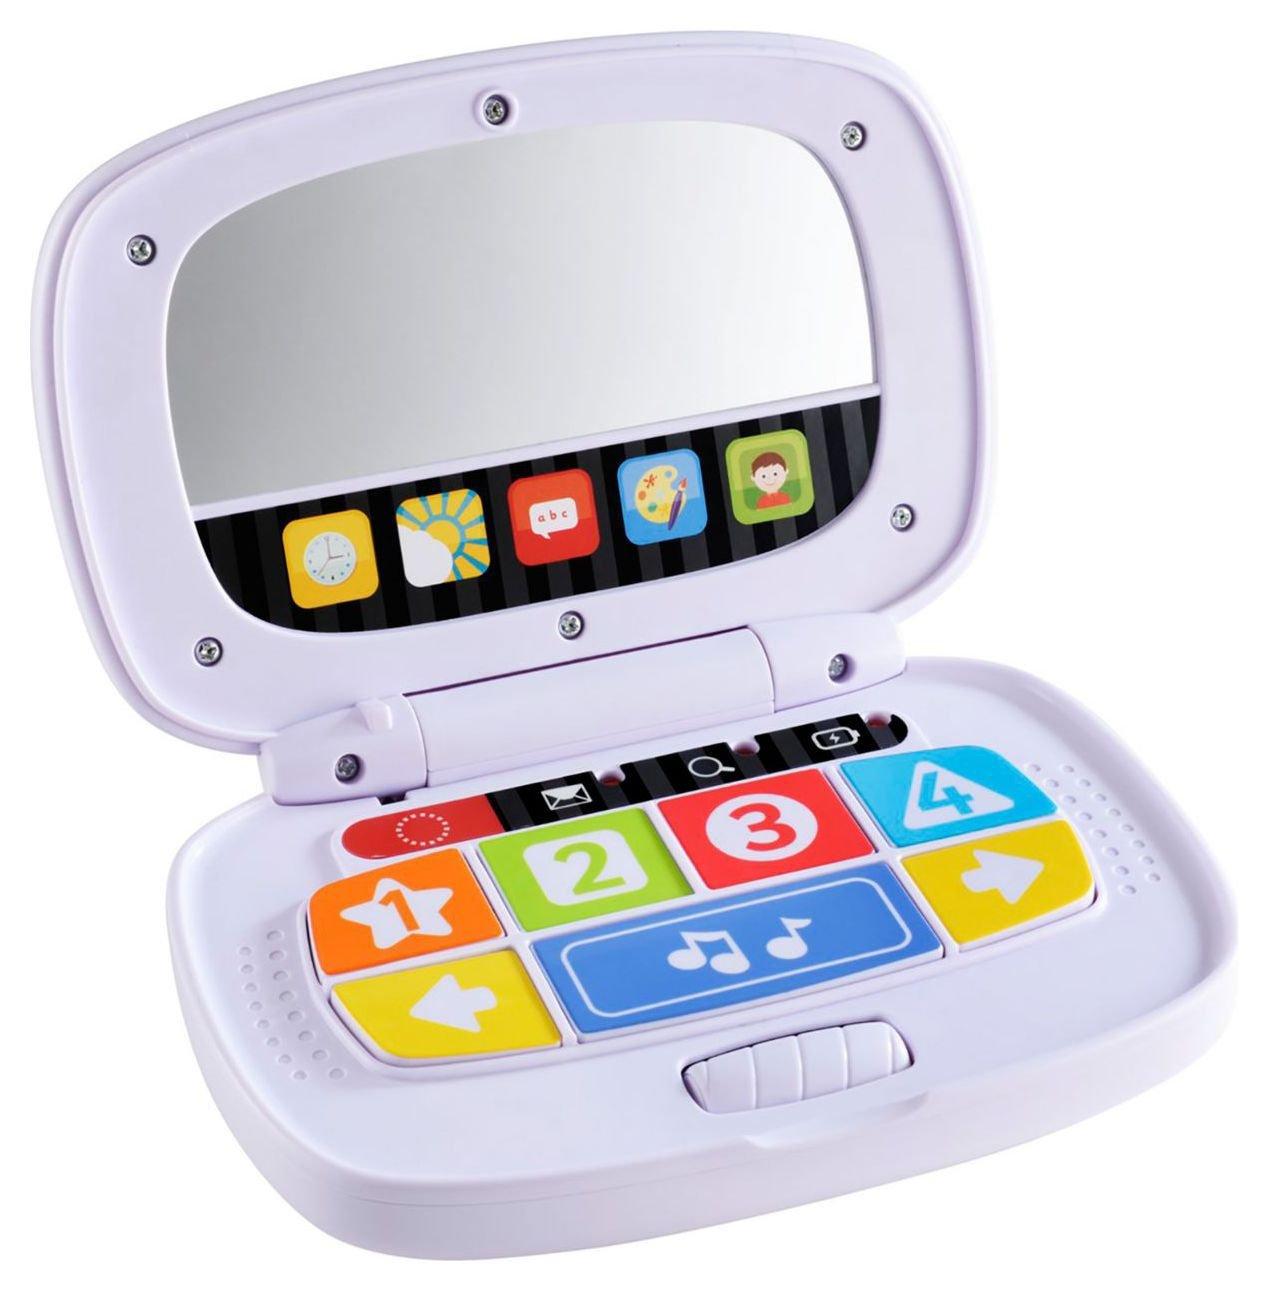 Image of ELC Mirror Laptop.